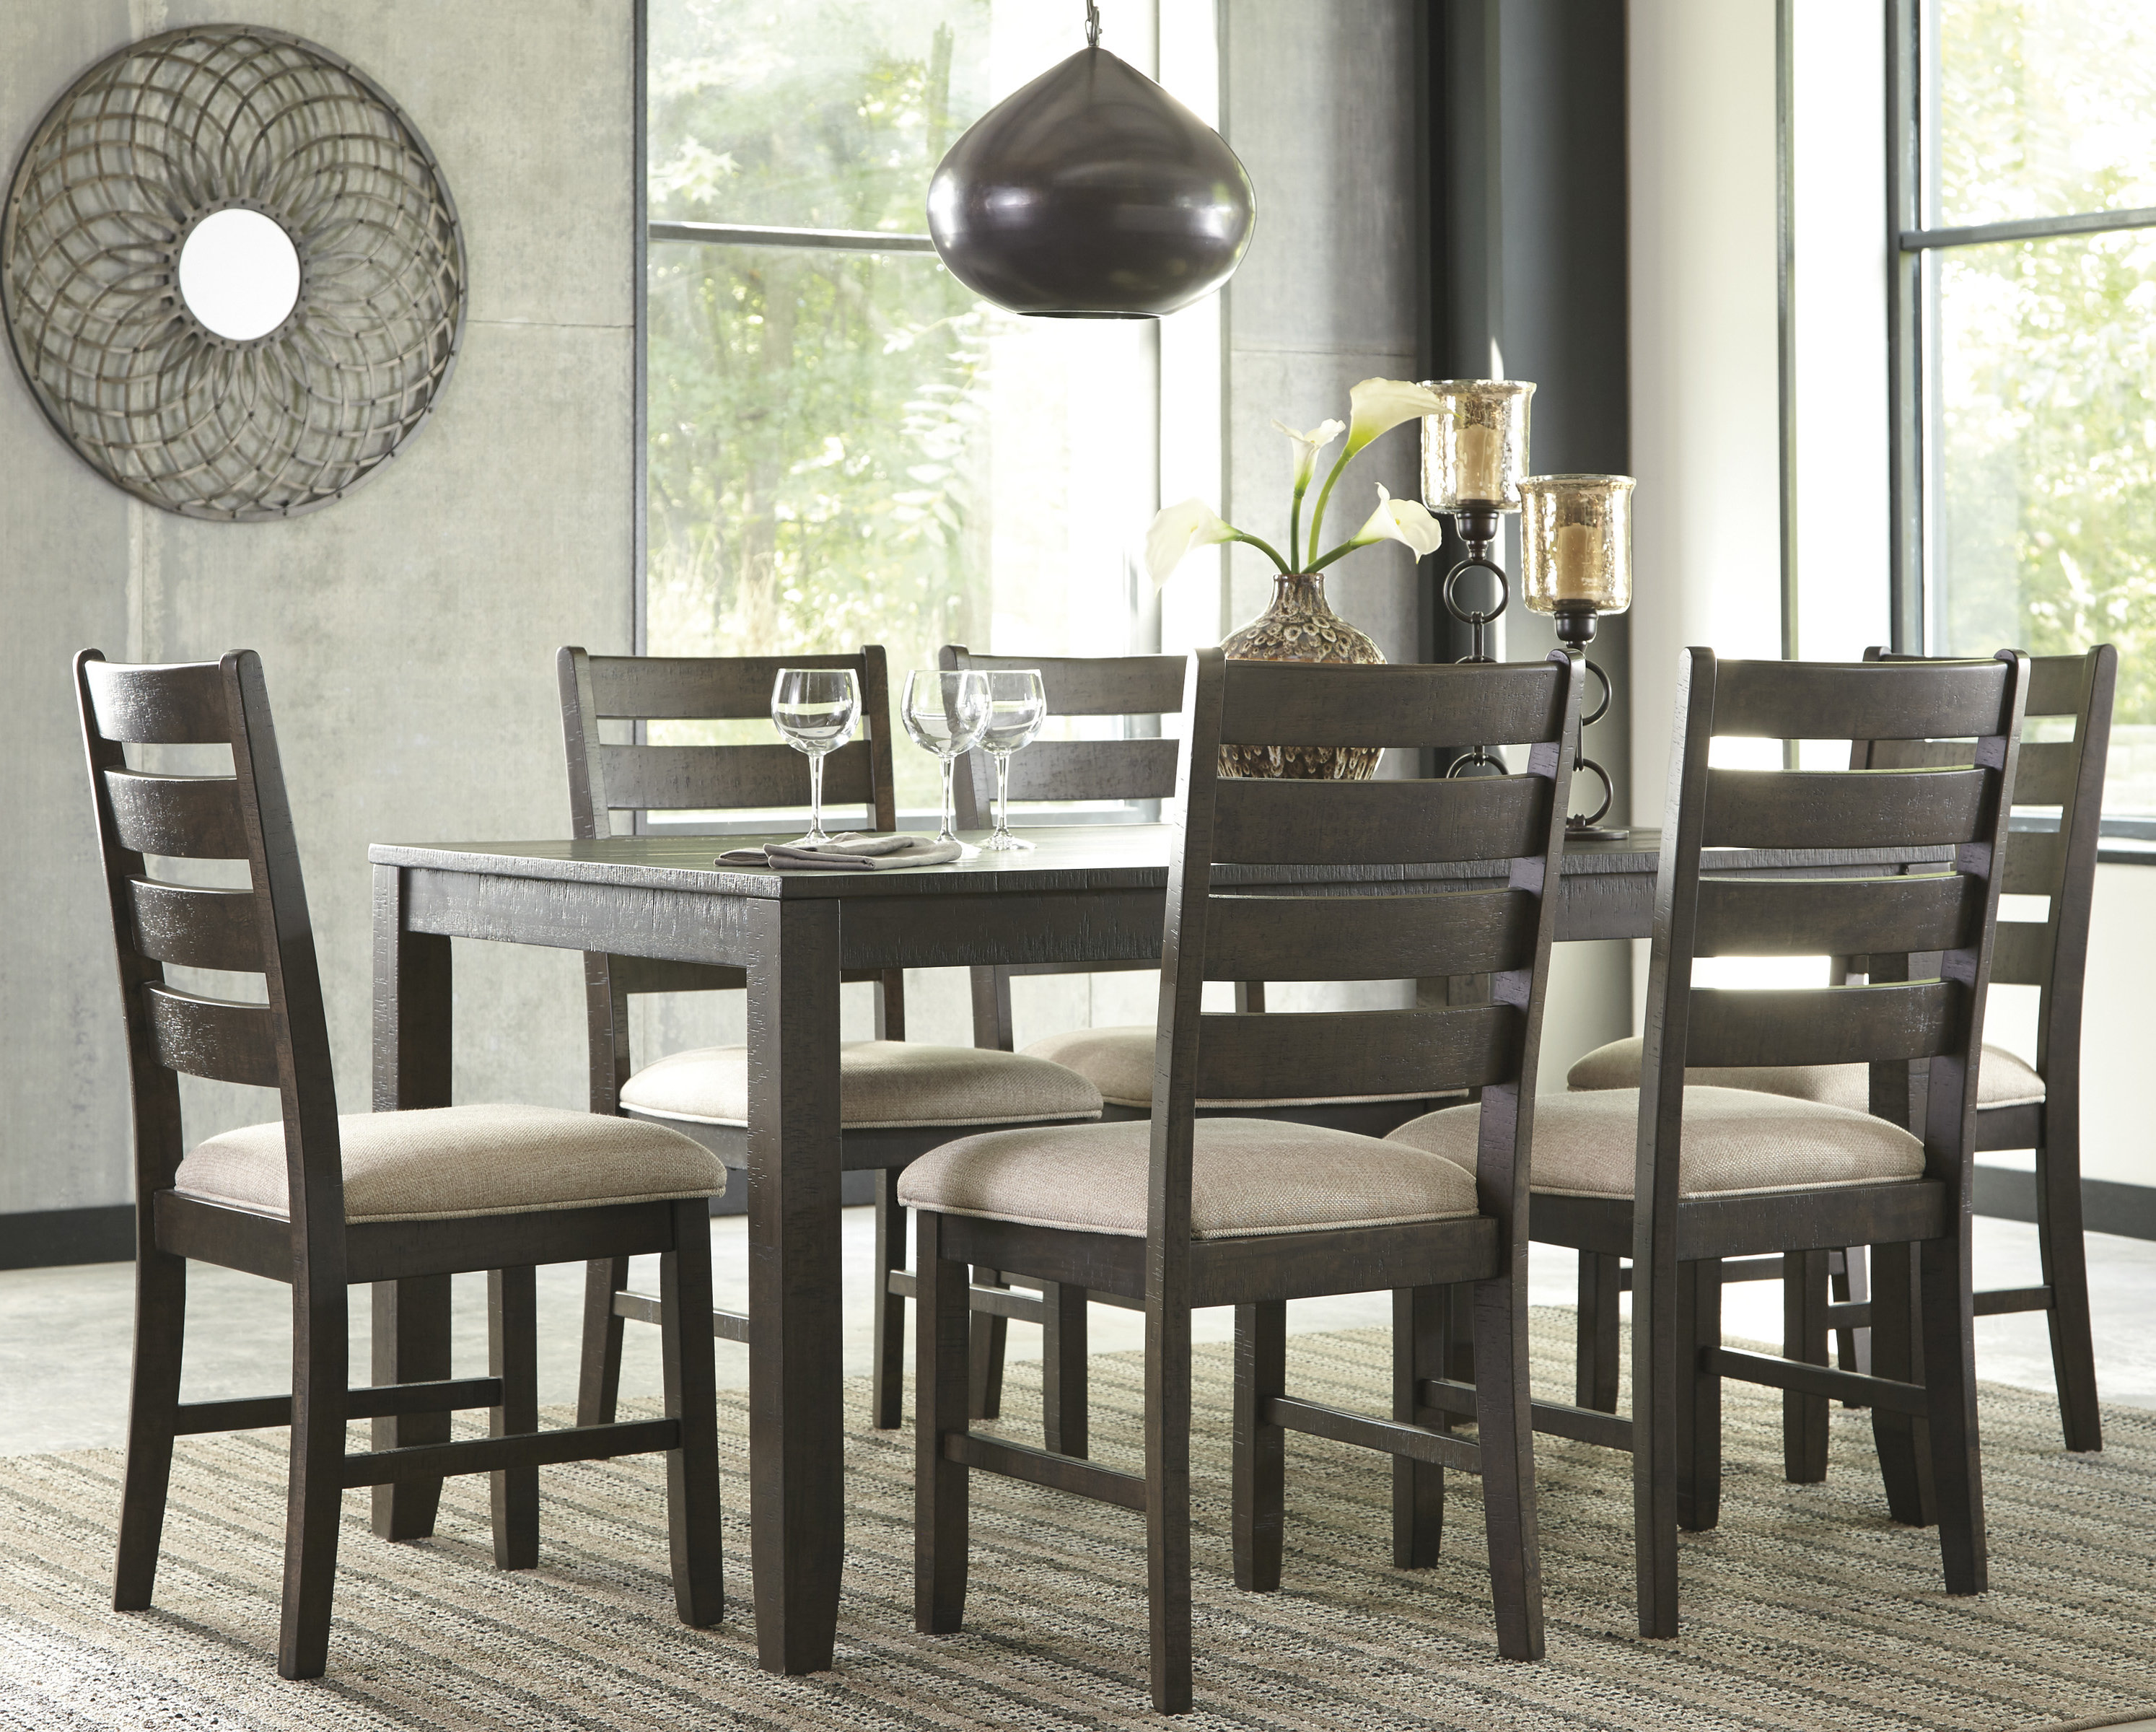 gracie oaks chapdelaine 7 piece dining set u0026 reviews | wayfair TMWXVLK